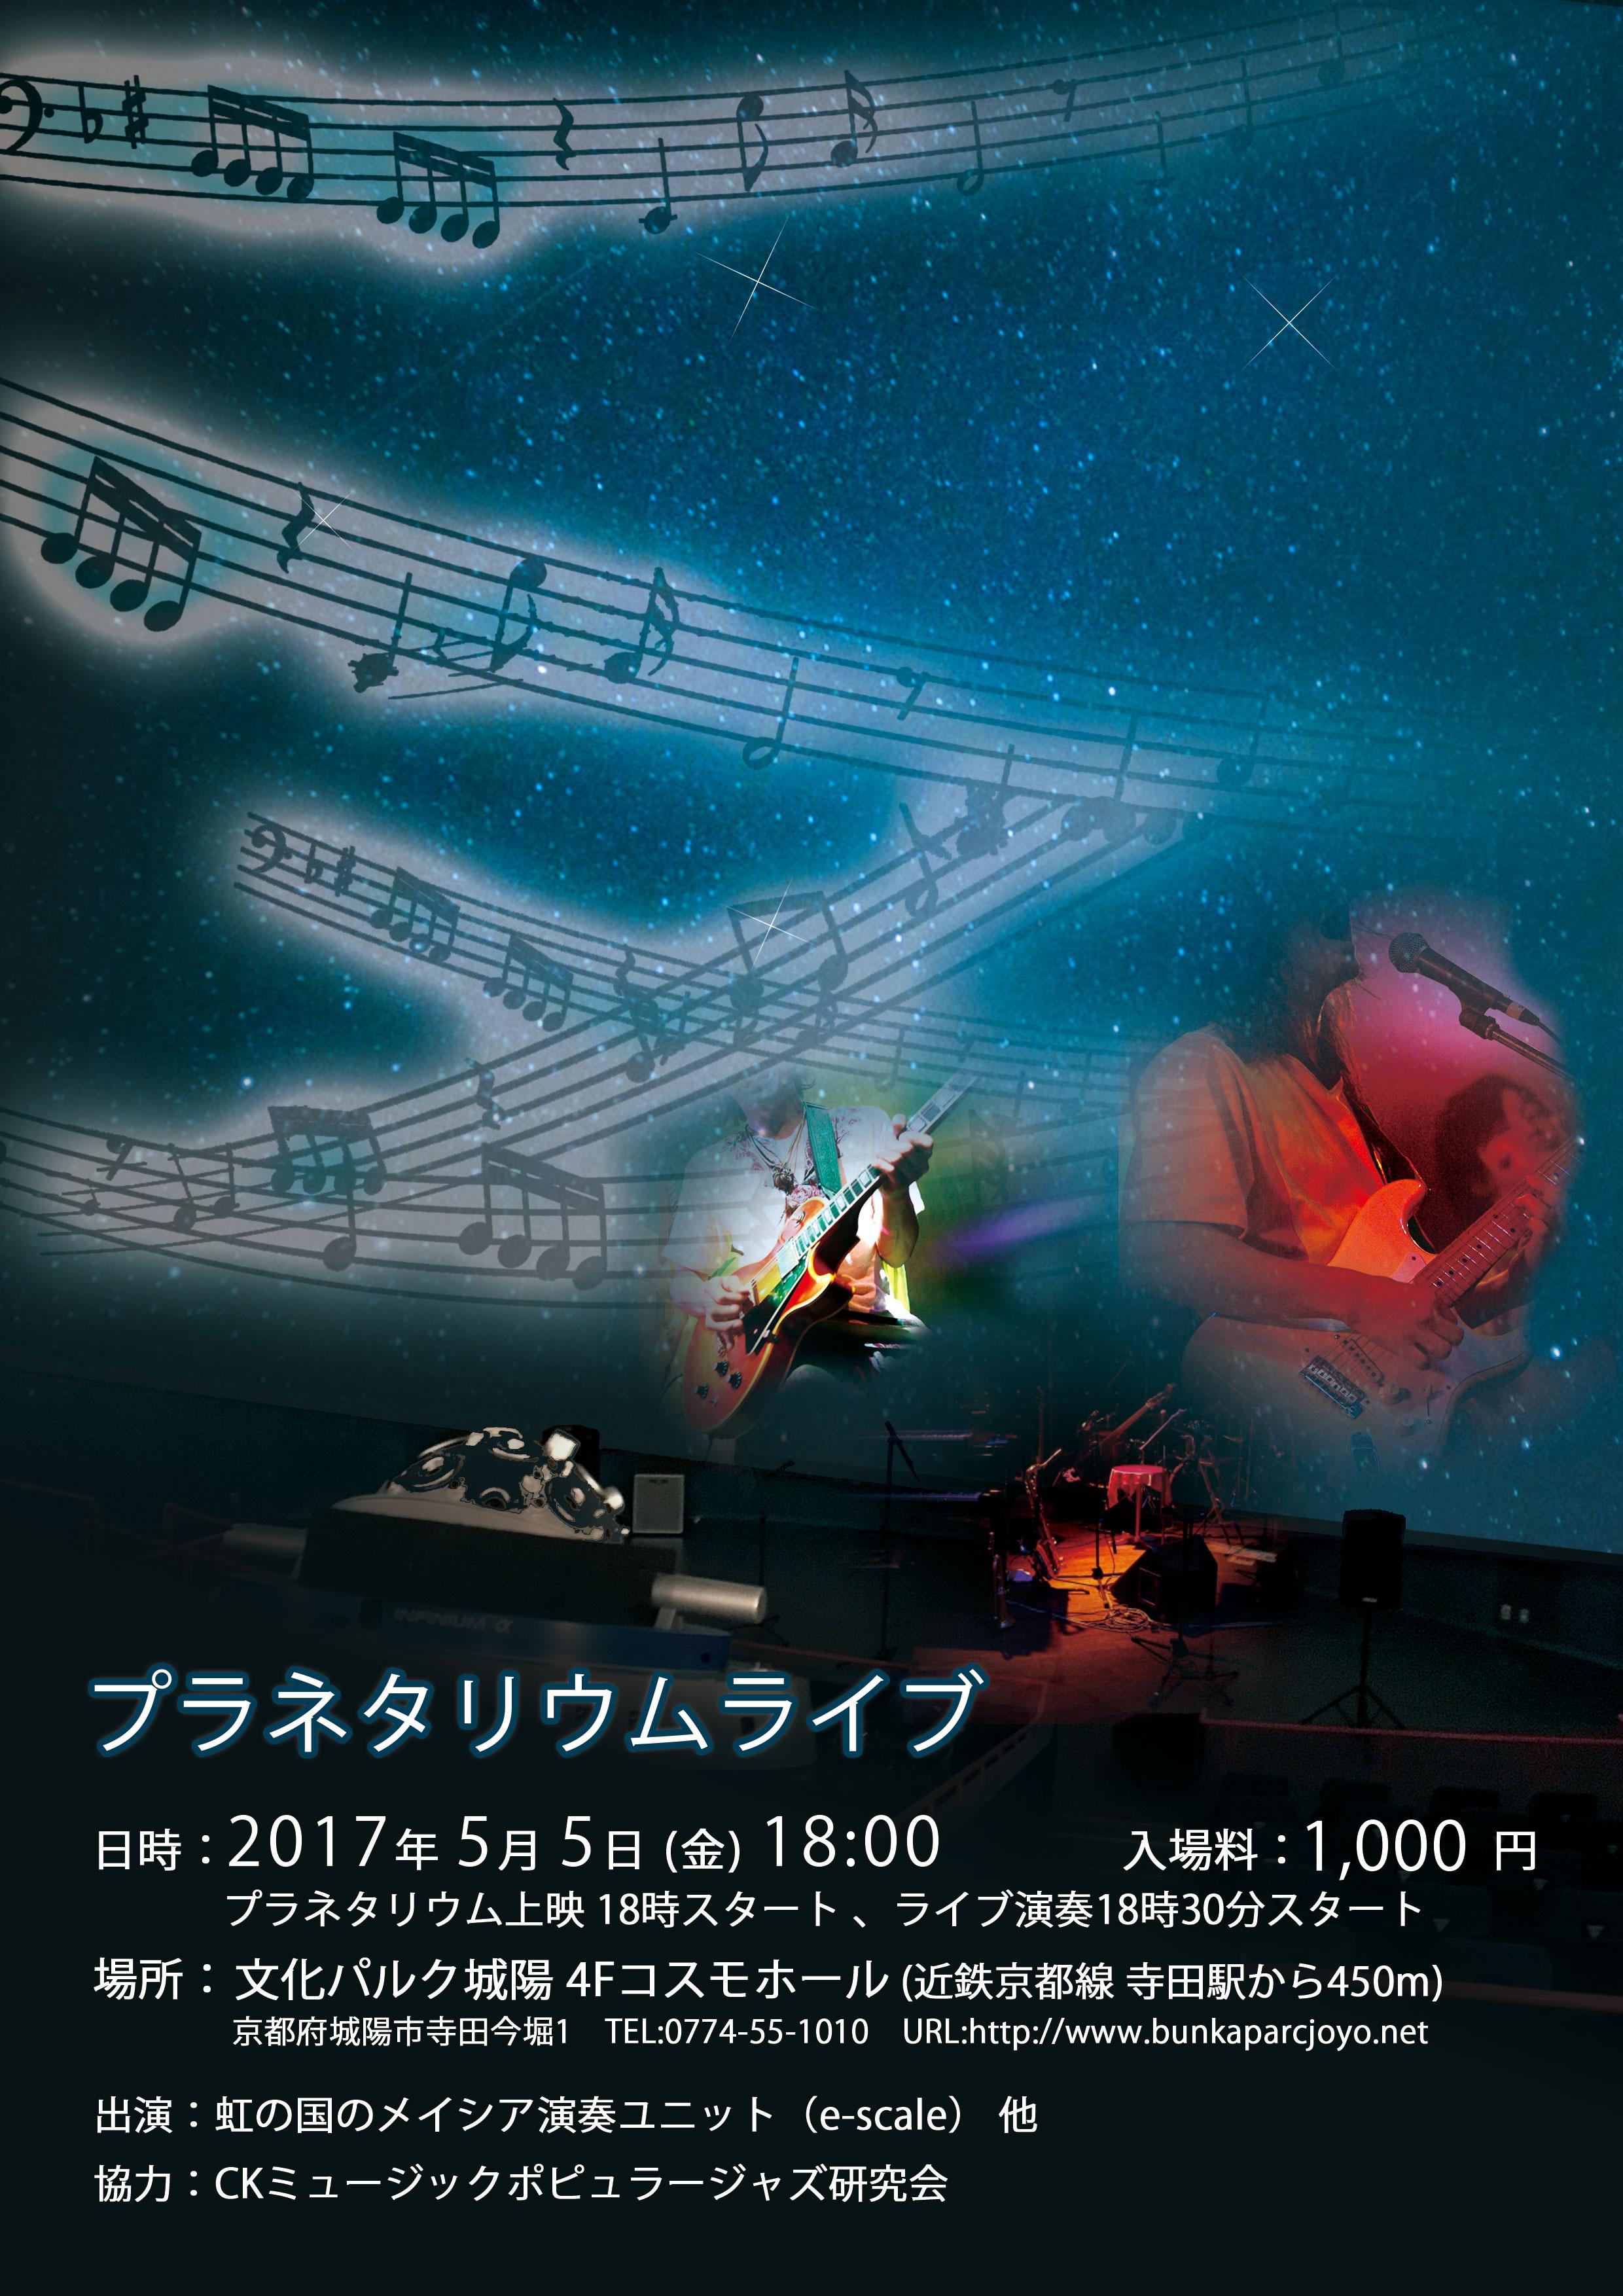 虹の国のメイシア(ショートver)ライブ告知5/5